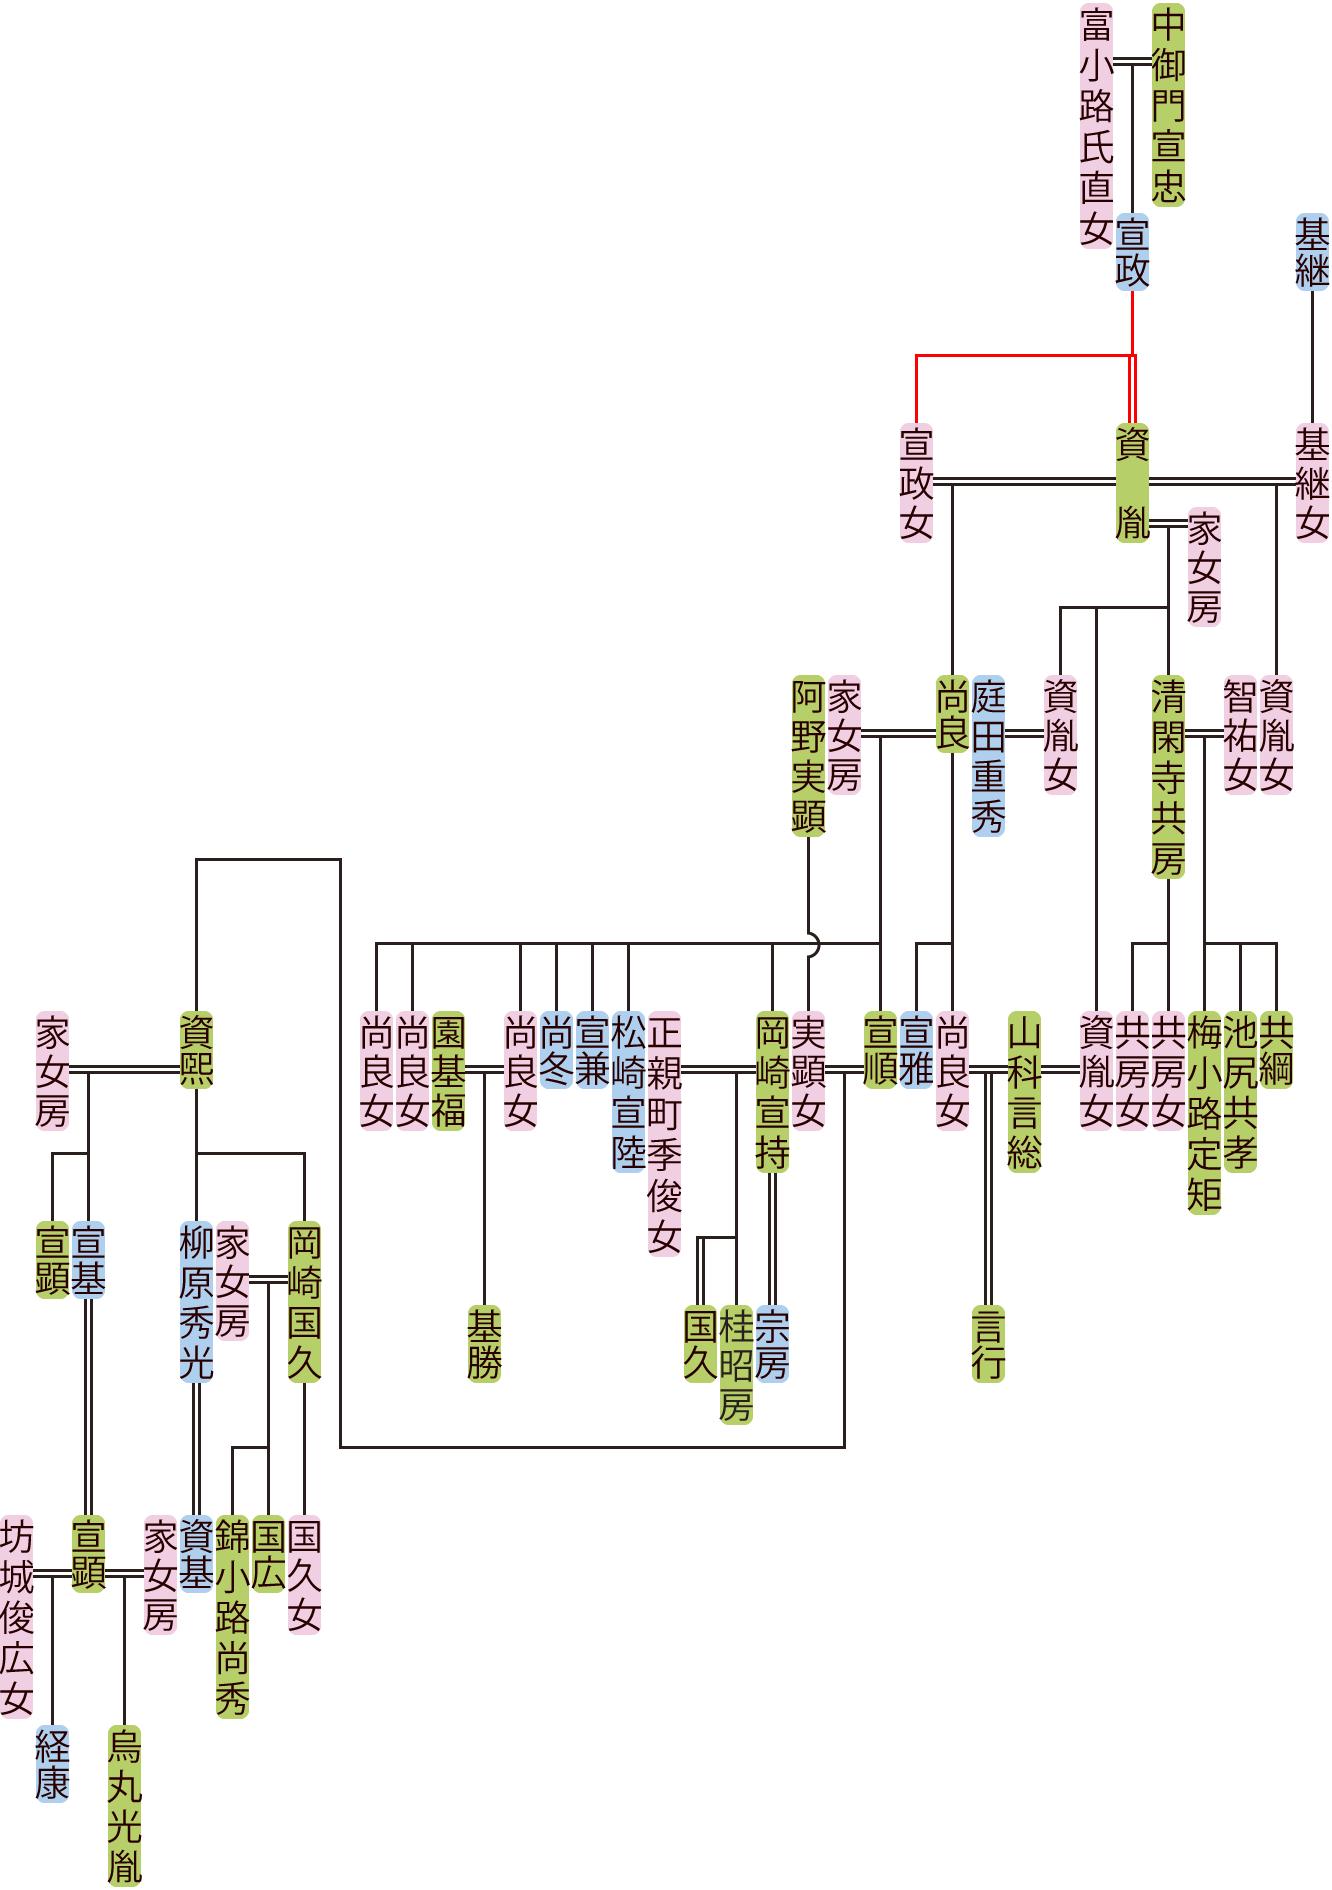 中御門資胤~宣基の系図